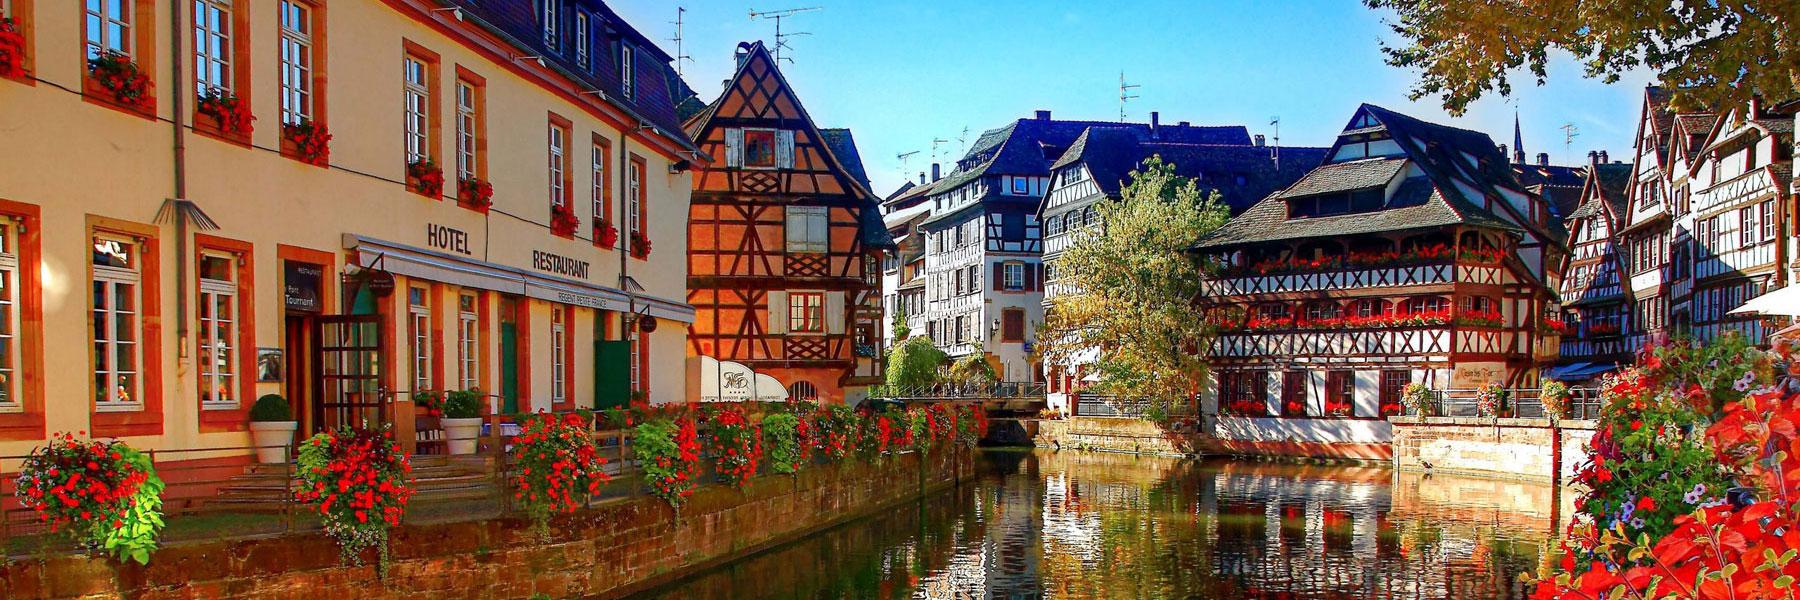 Site De Loffice Du Tourisme De La Ville De Strasbourg Strasbourg